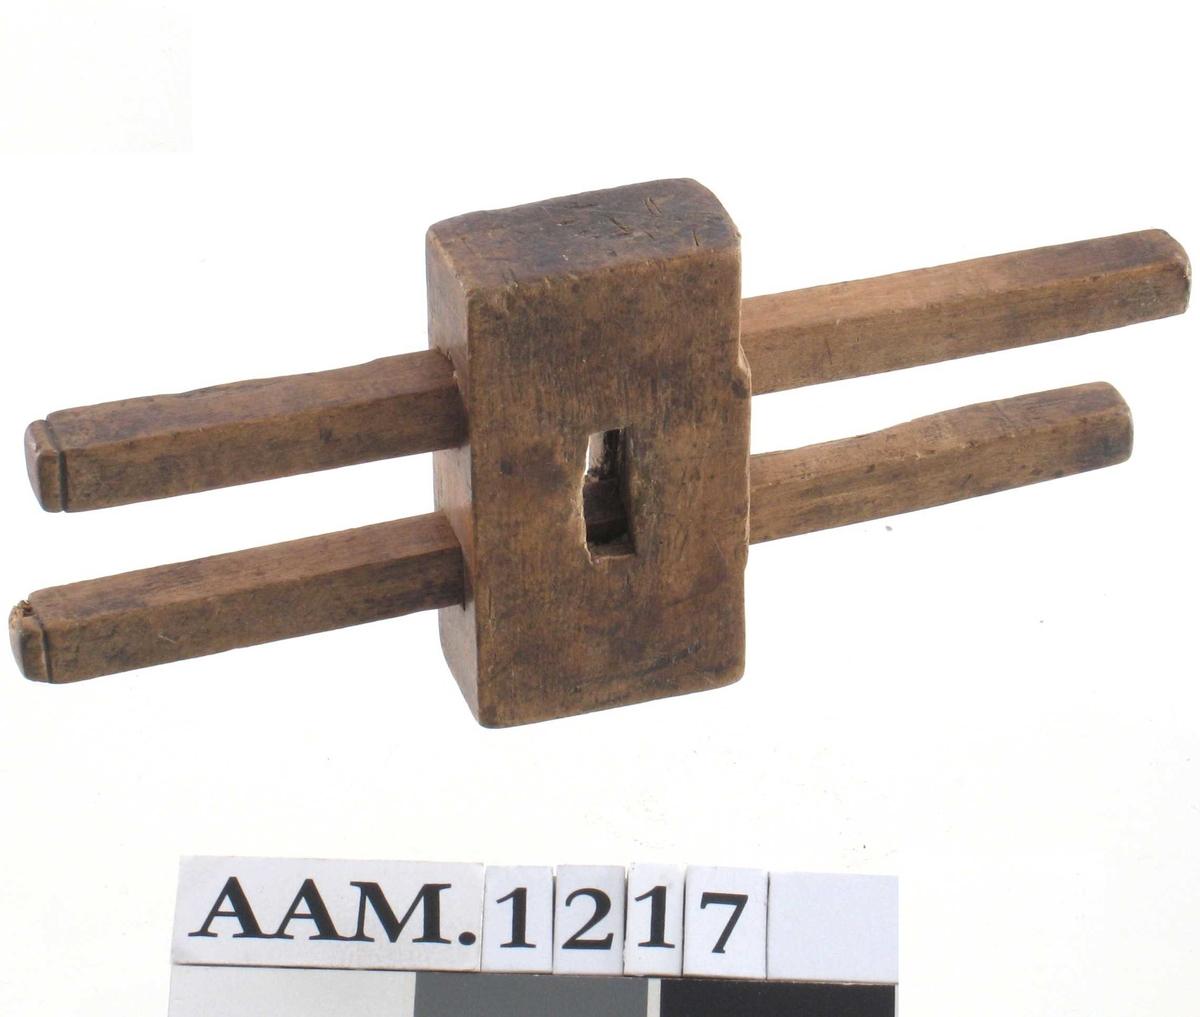 Strekmåt av bjerk. Kloss m. 2 forskyvbare stenger, hver m. en  liten jern spiss ved enden. Midt i klossen et gjennomgående hull.